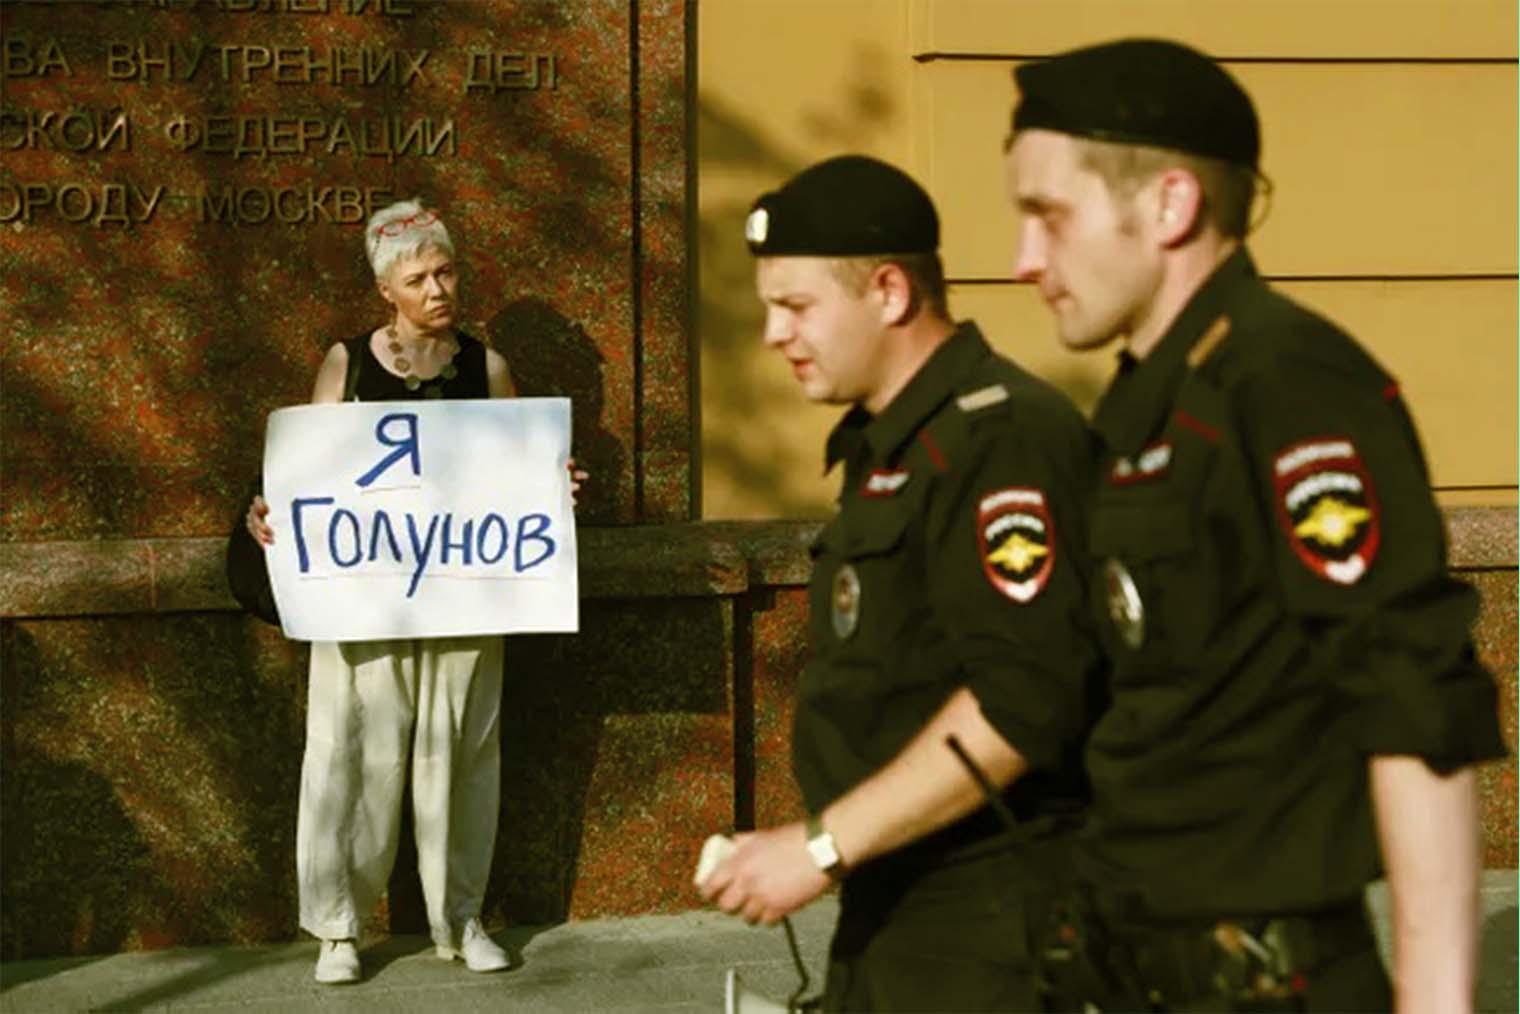 Фото: Сергей Фадеичев / ТАСС / Scanpix / LETA